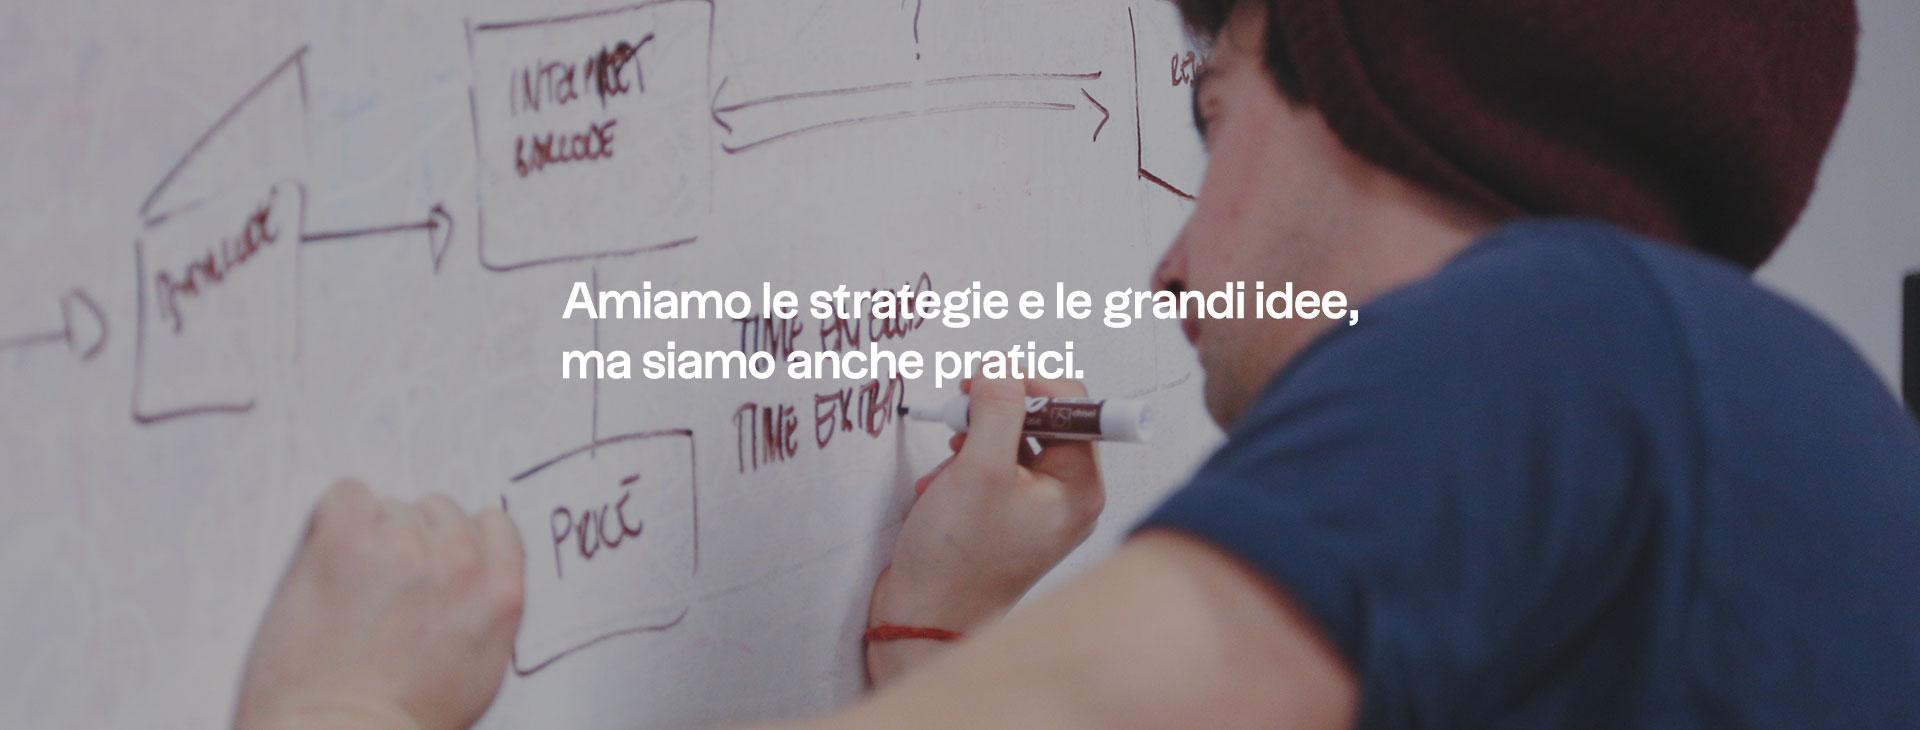 manifesto-2